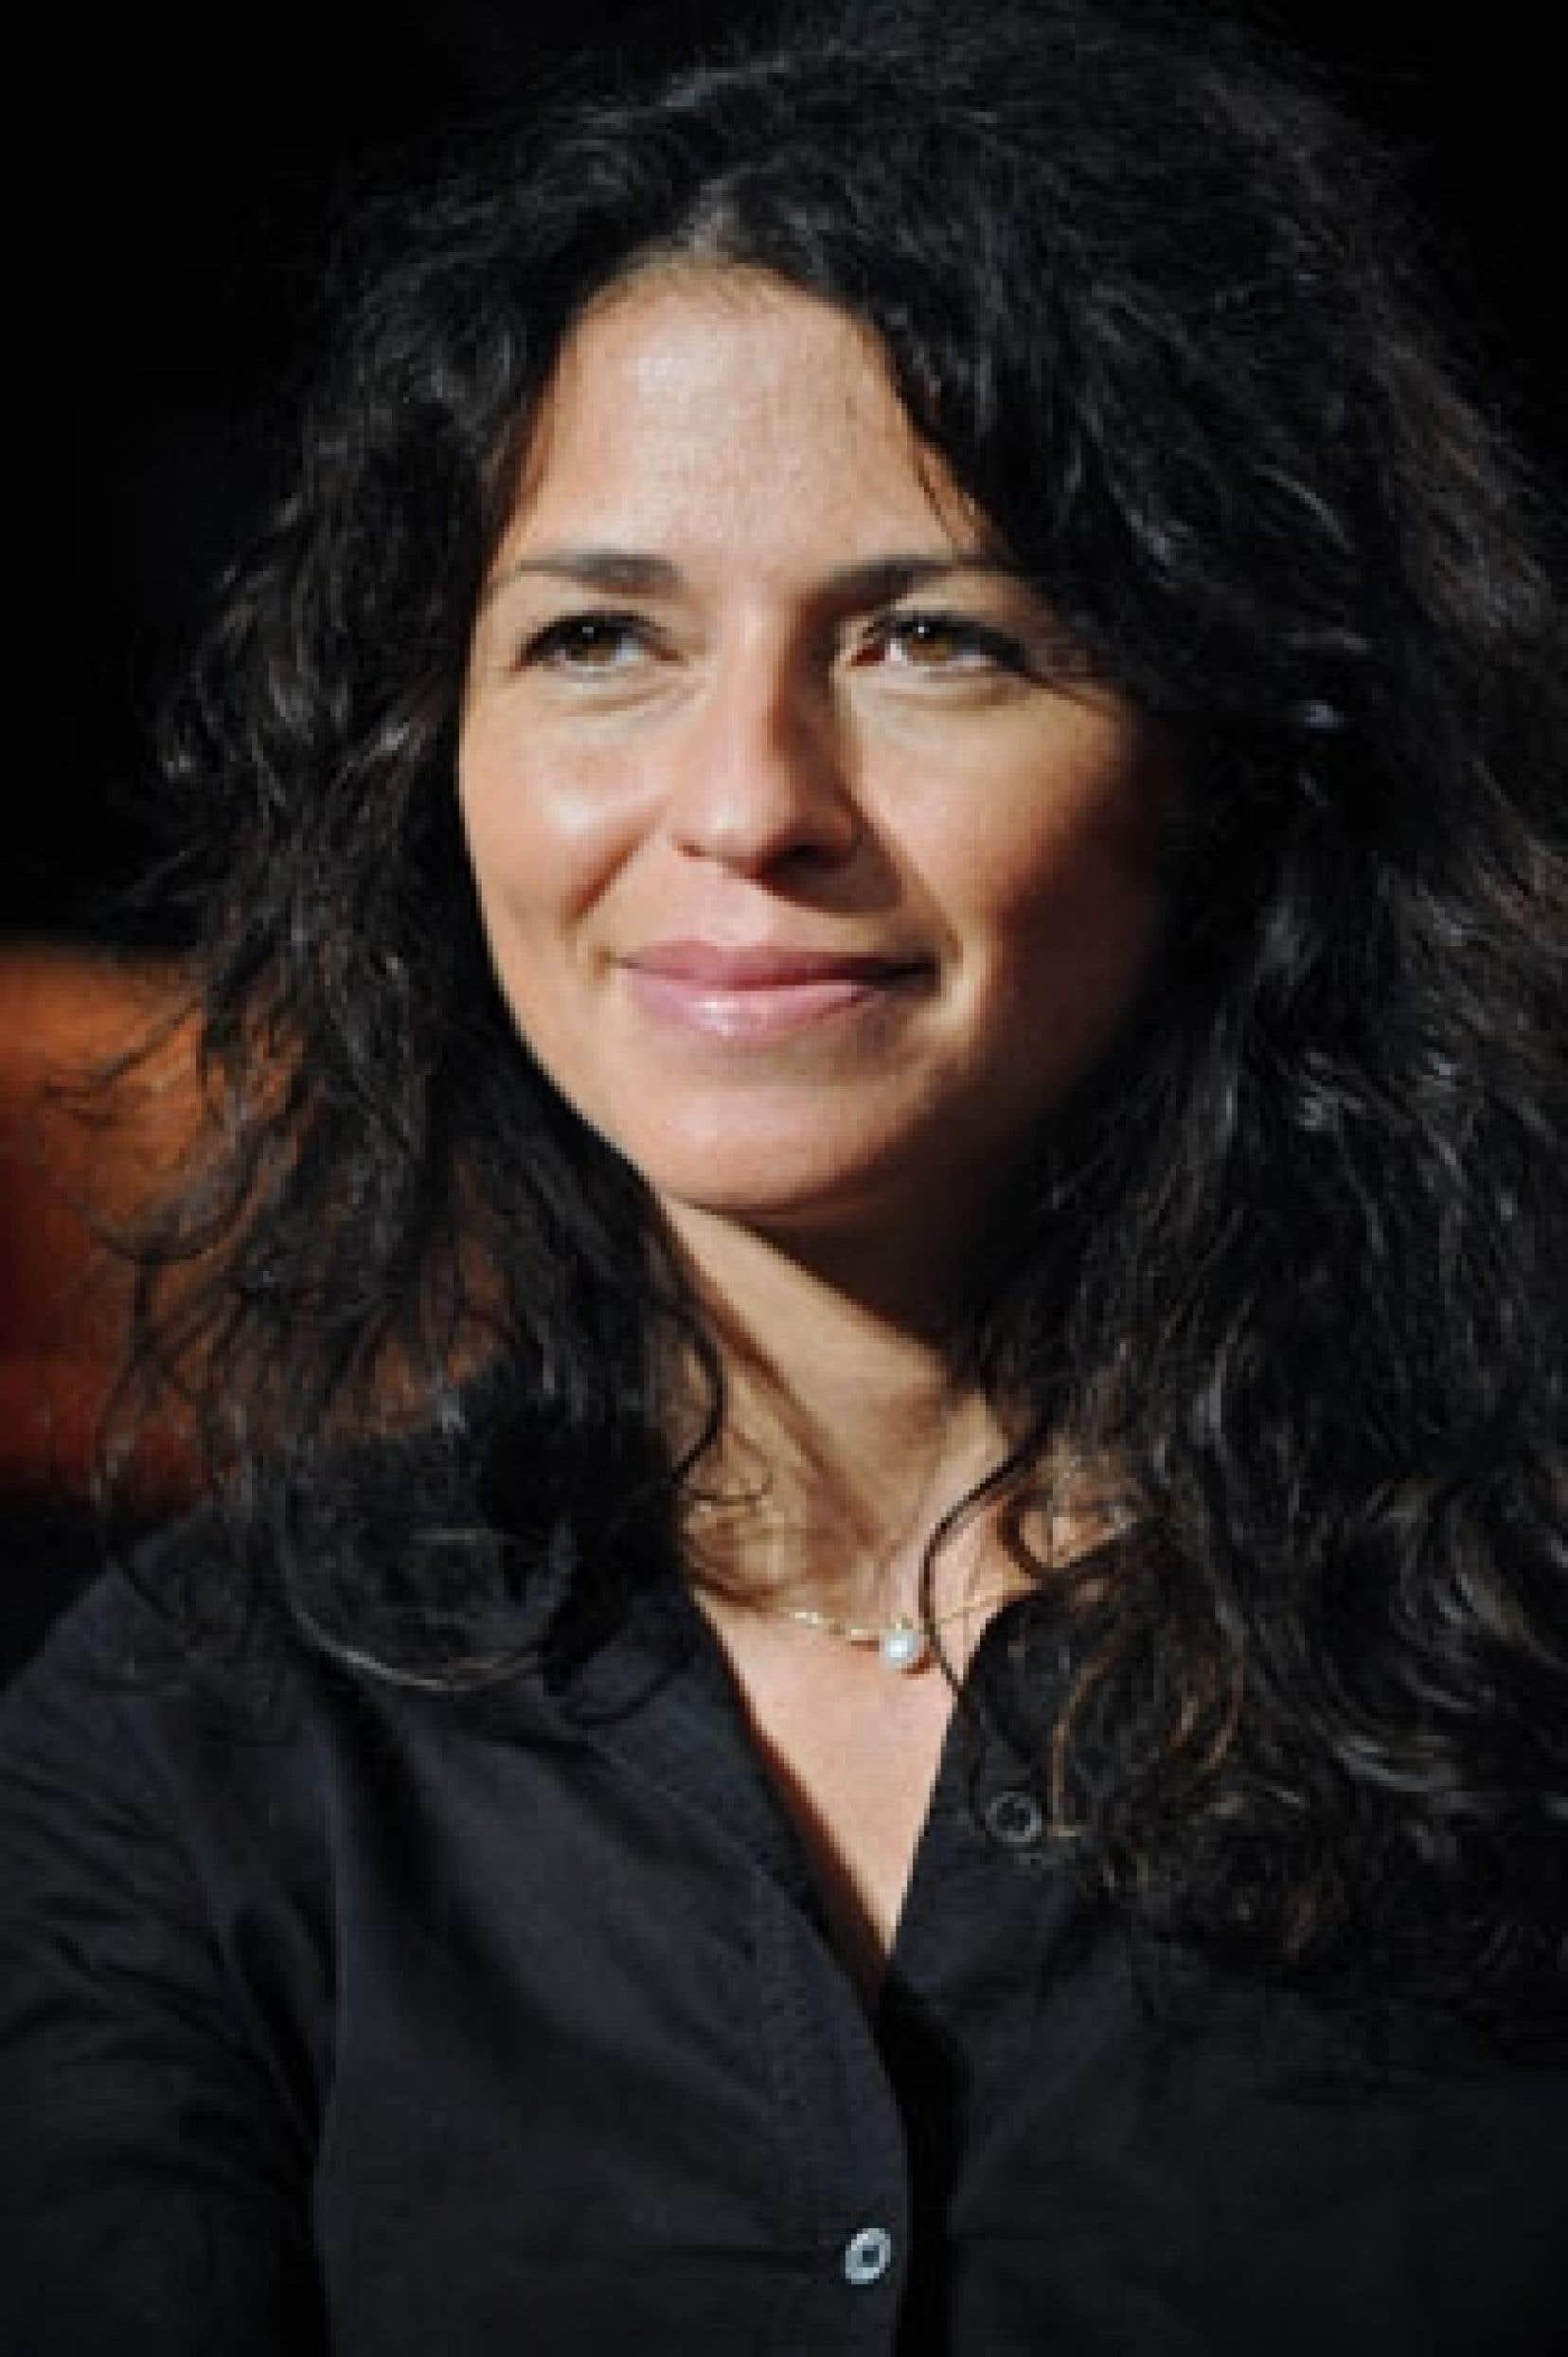 La Domination, de Karine Tuil, a fait la une de plusieurs revues et a été sélectionné par les lycéens et par le jury du Goncourt.